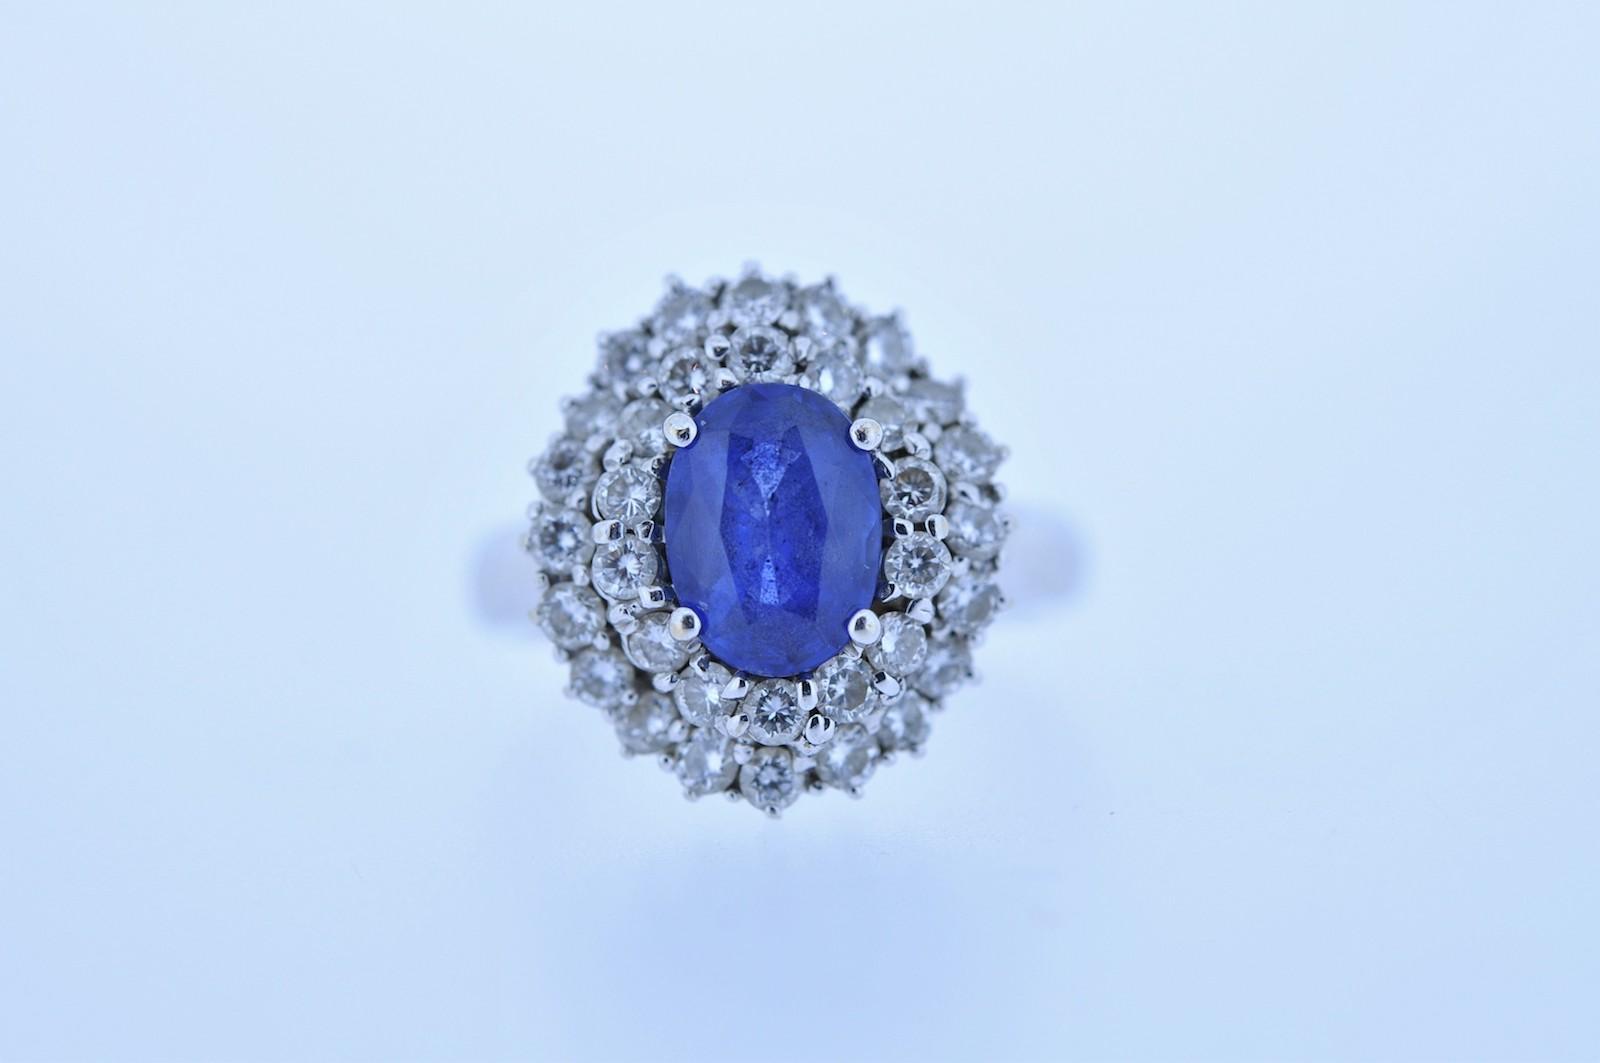 #44 Ring Image